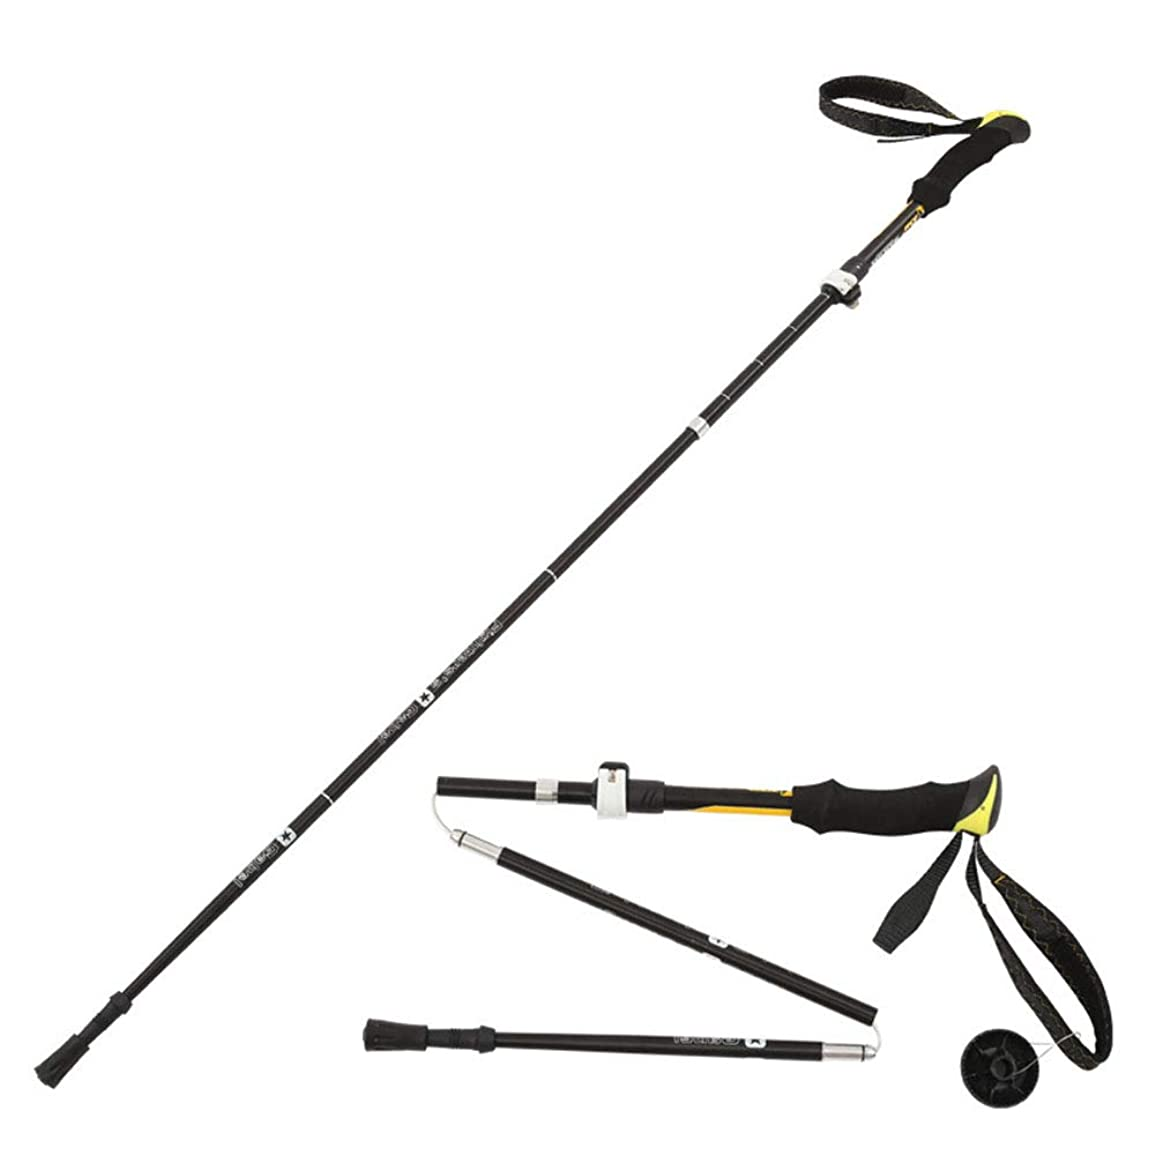 急降下重要な役割を果たす、中心的な手段となる代わりの屋外折りたたみ伸縮トレッキングポールアルミ合金外部ロックスピードロック内部ロックショックアブソーバー杖